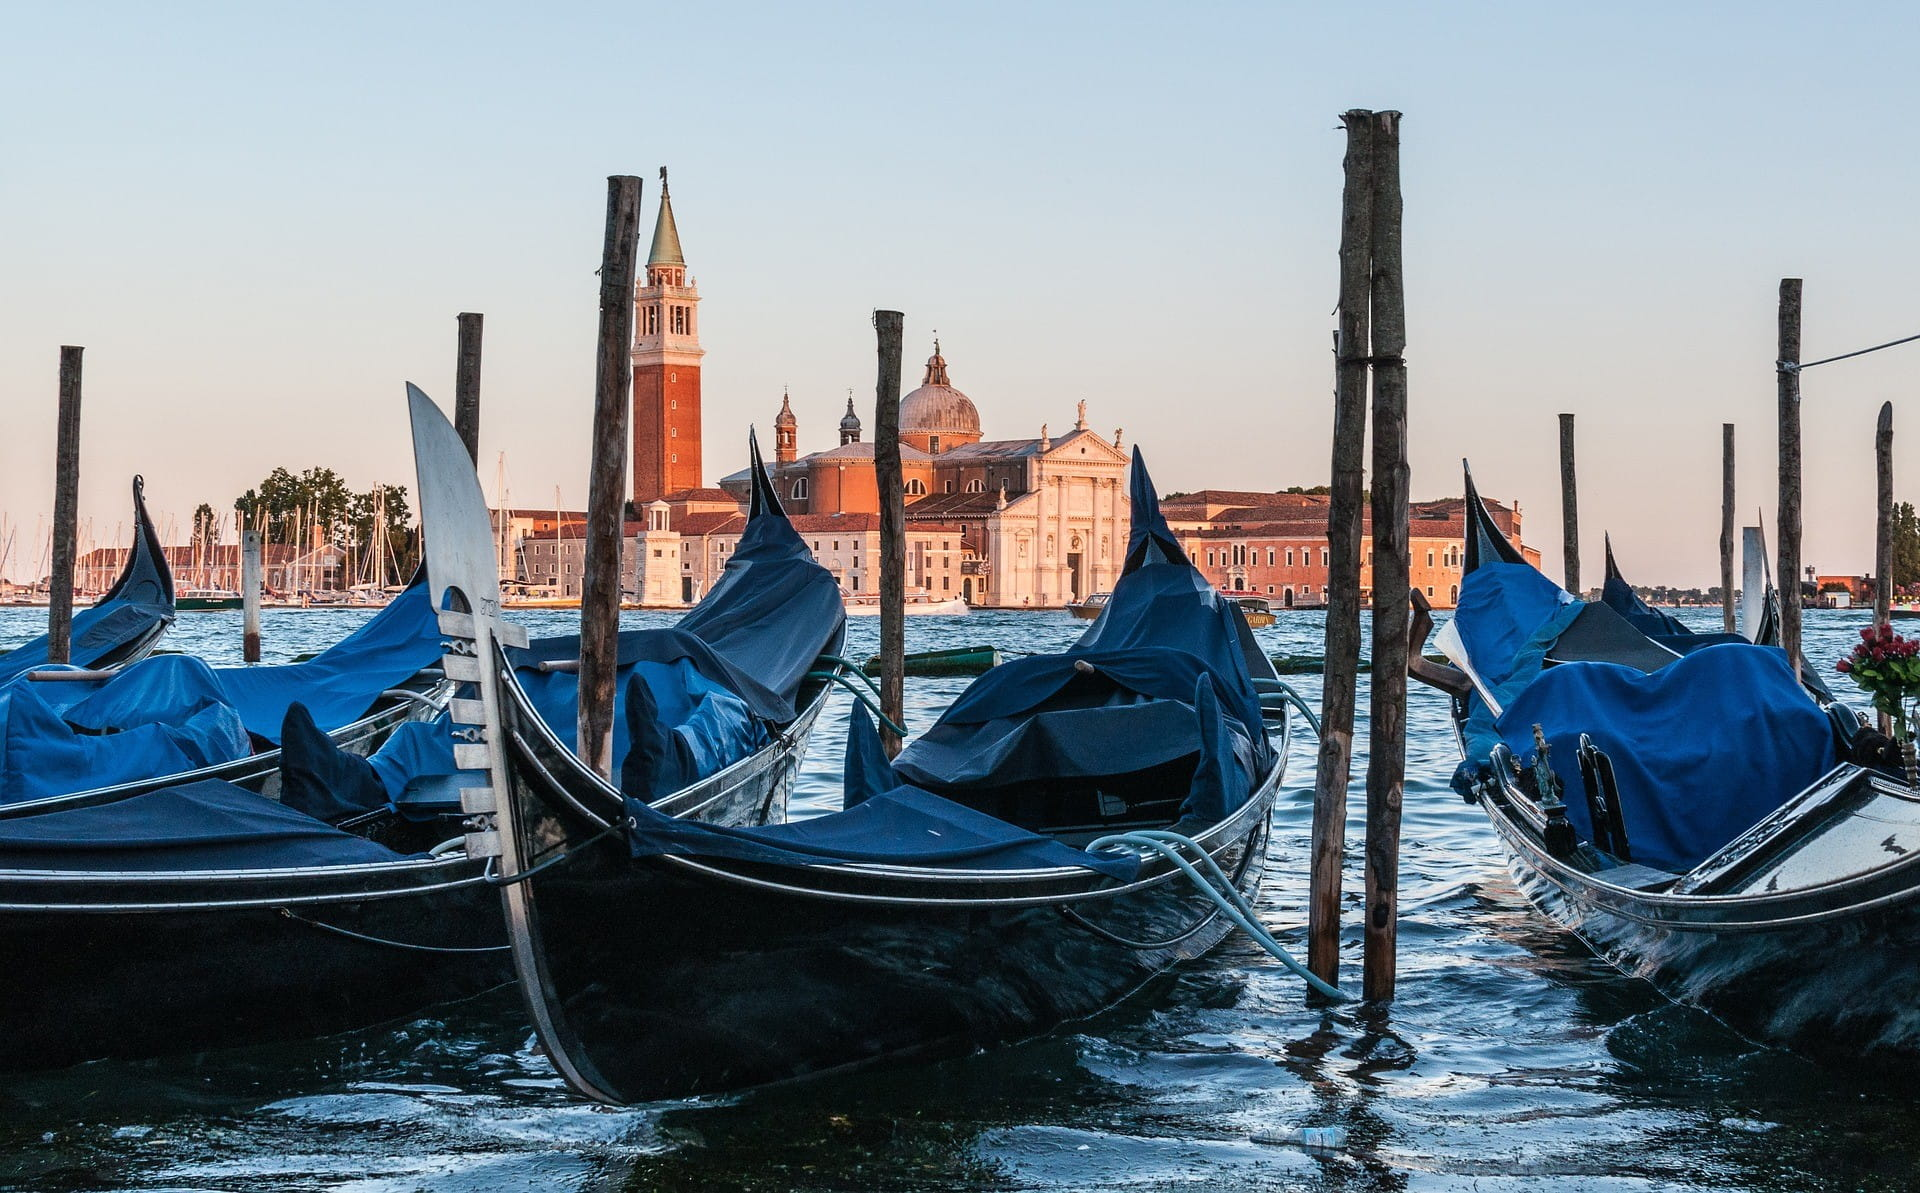 Venesia dapat dilihat di latar belakang - di latar depan ada tiga gondola di atas air.